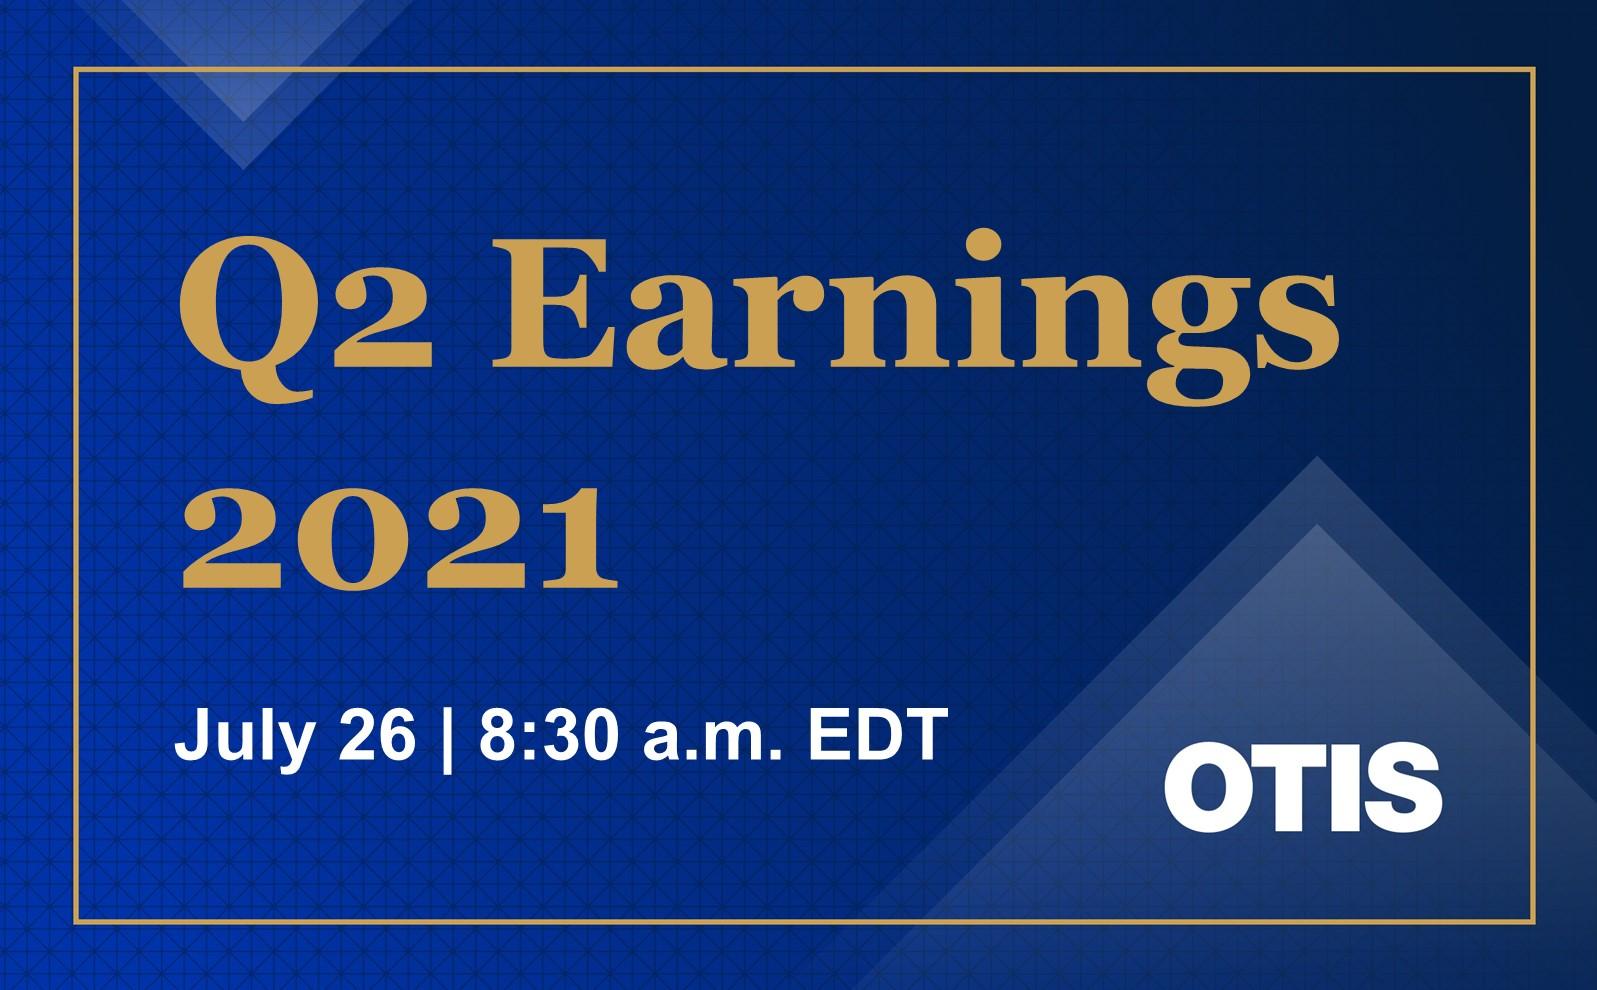 Q2_earnings_advisory_otis